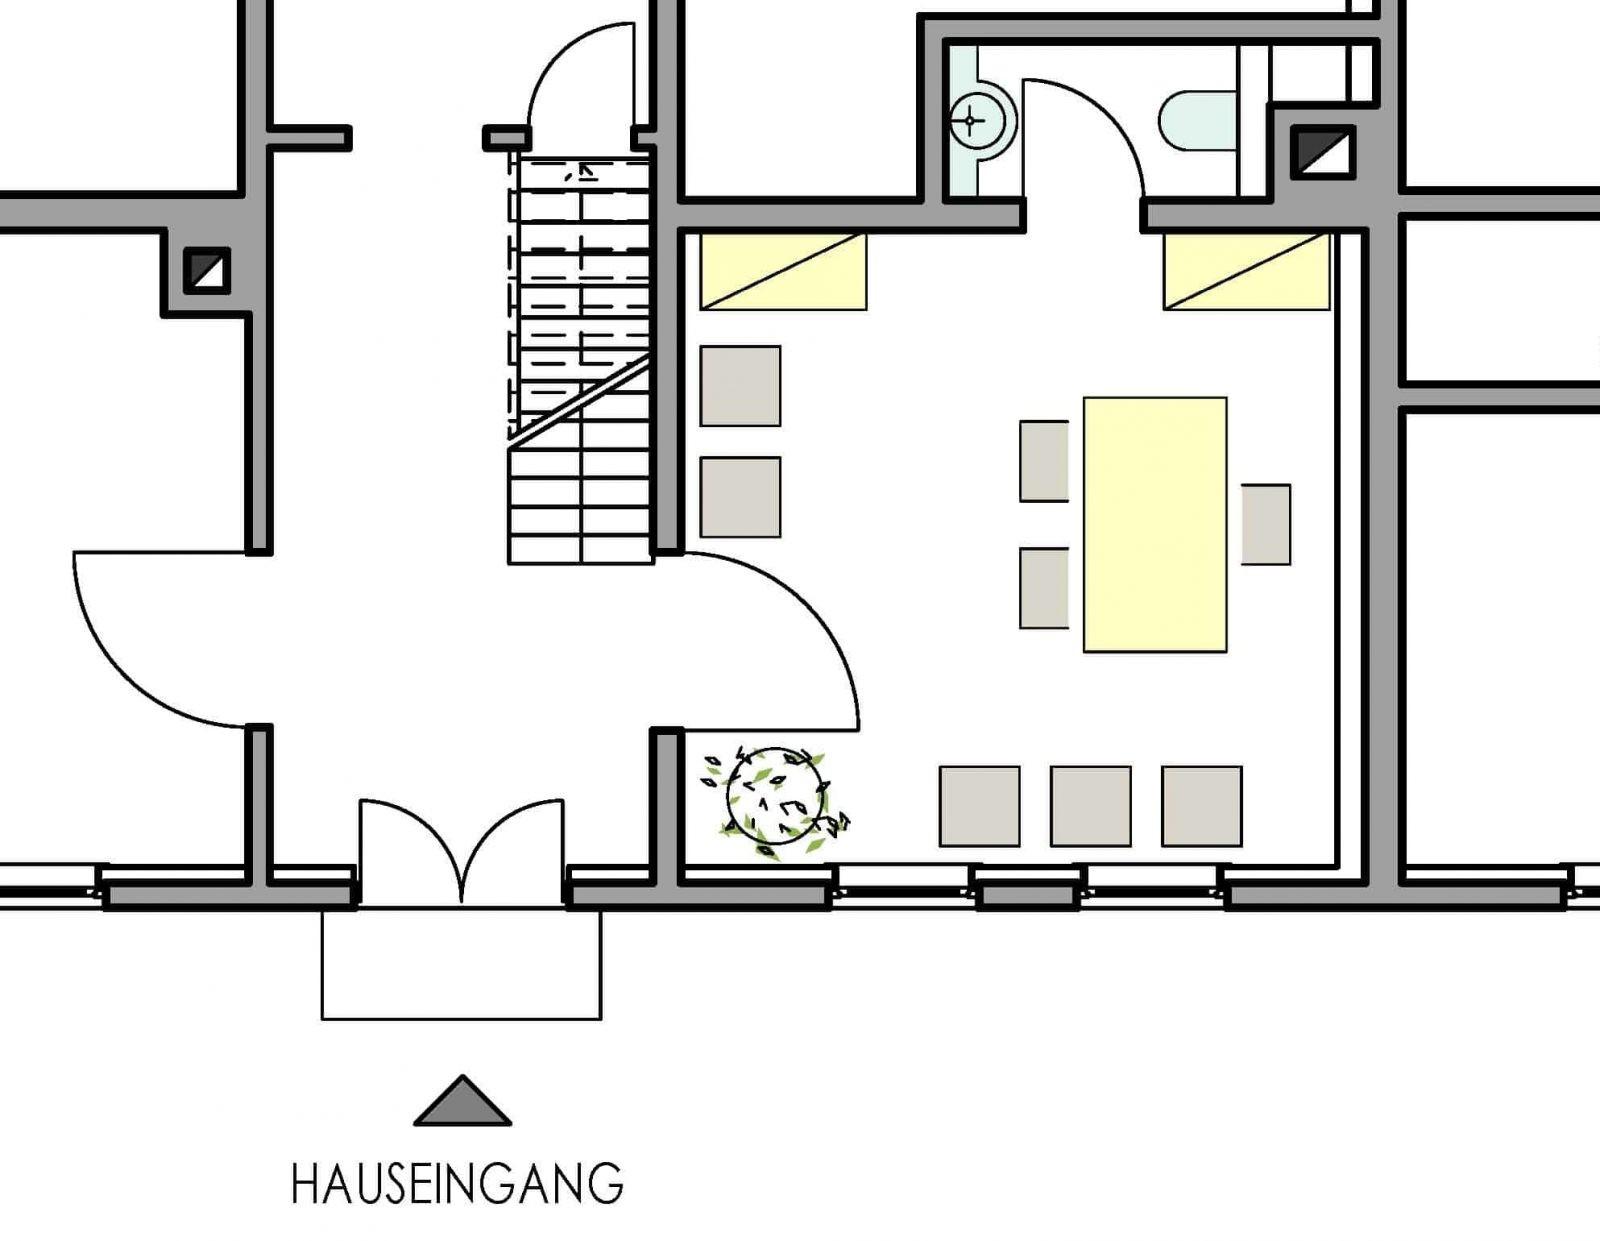 Grundriss kleines Trauzimmer im Haus in Bewegung| Haus in Bewegung